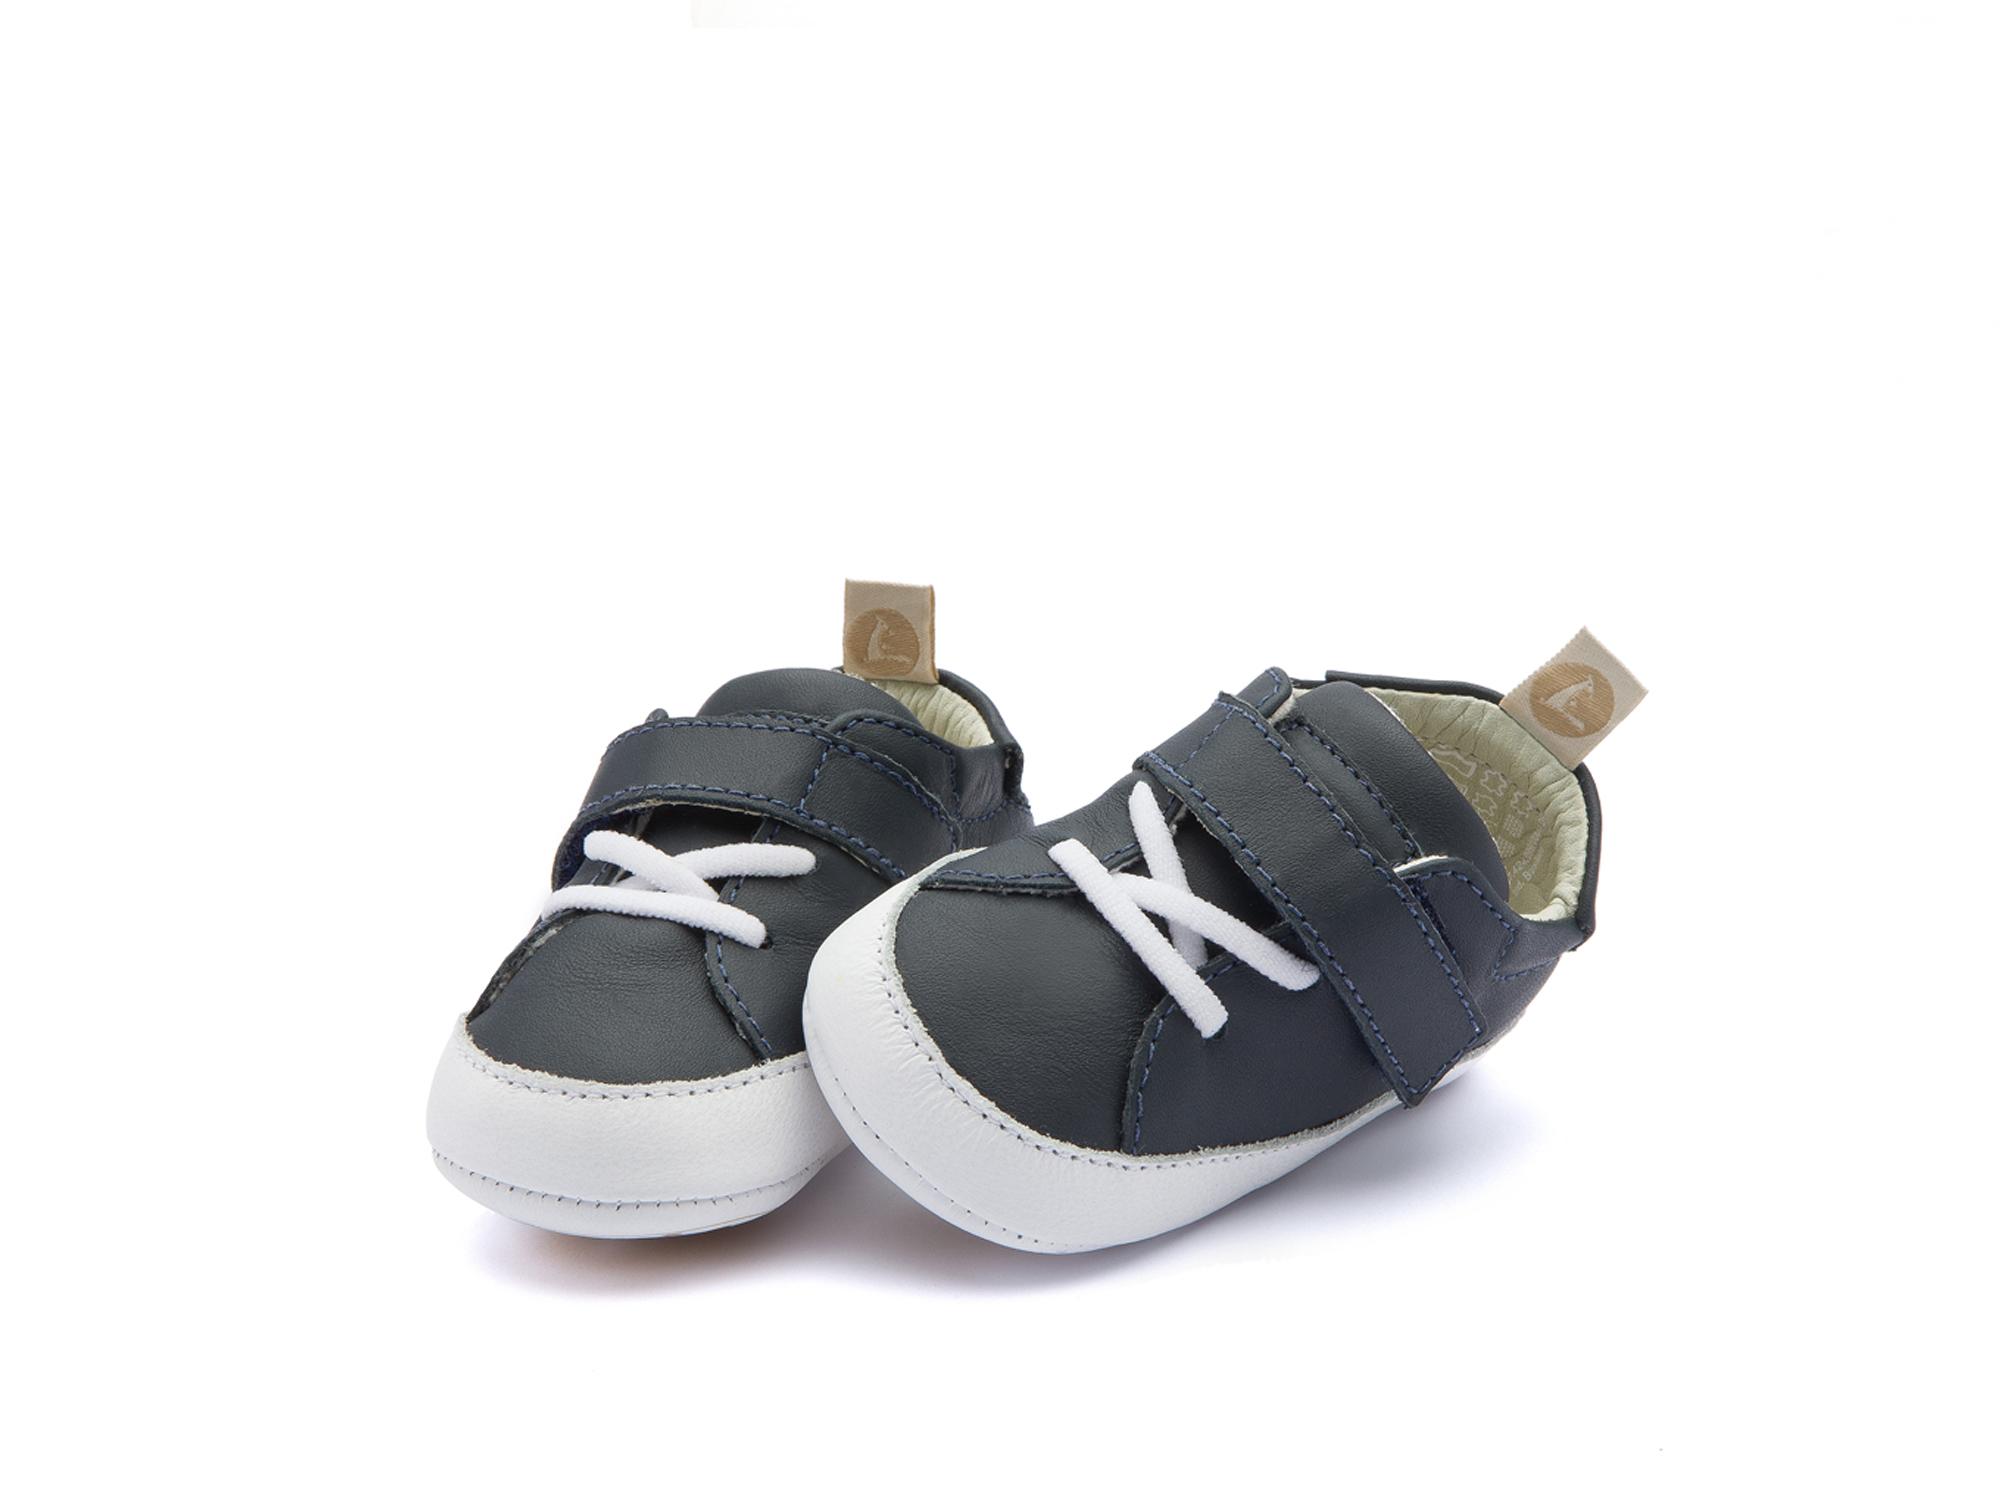 Tênis Light Navy/ White Baby 0 à 2 anos - 1